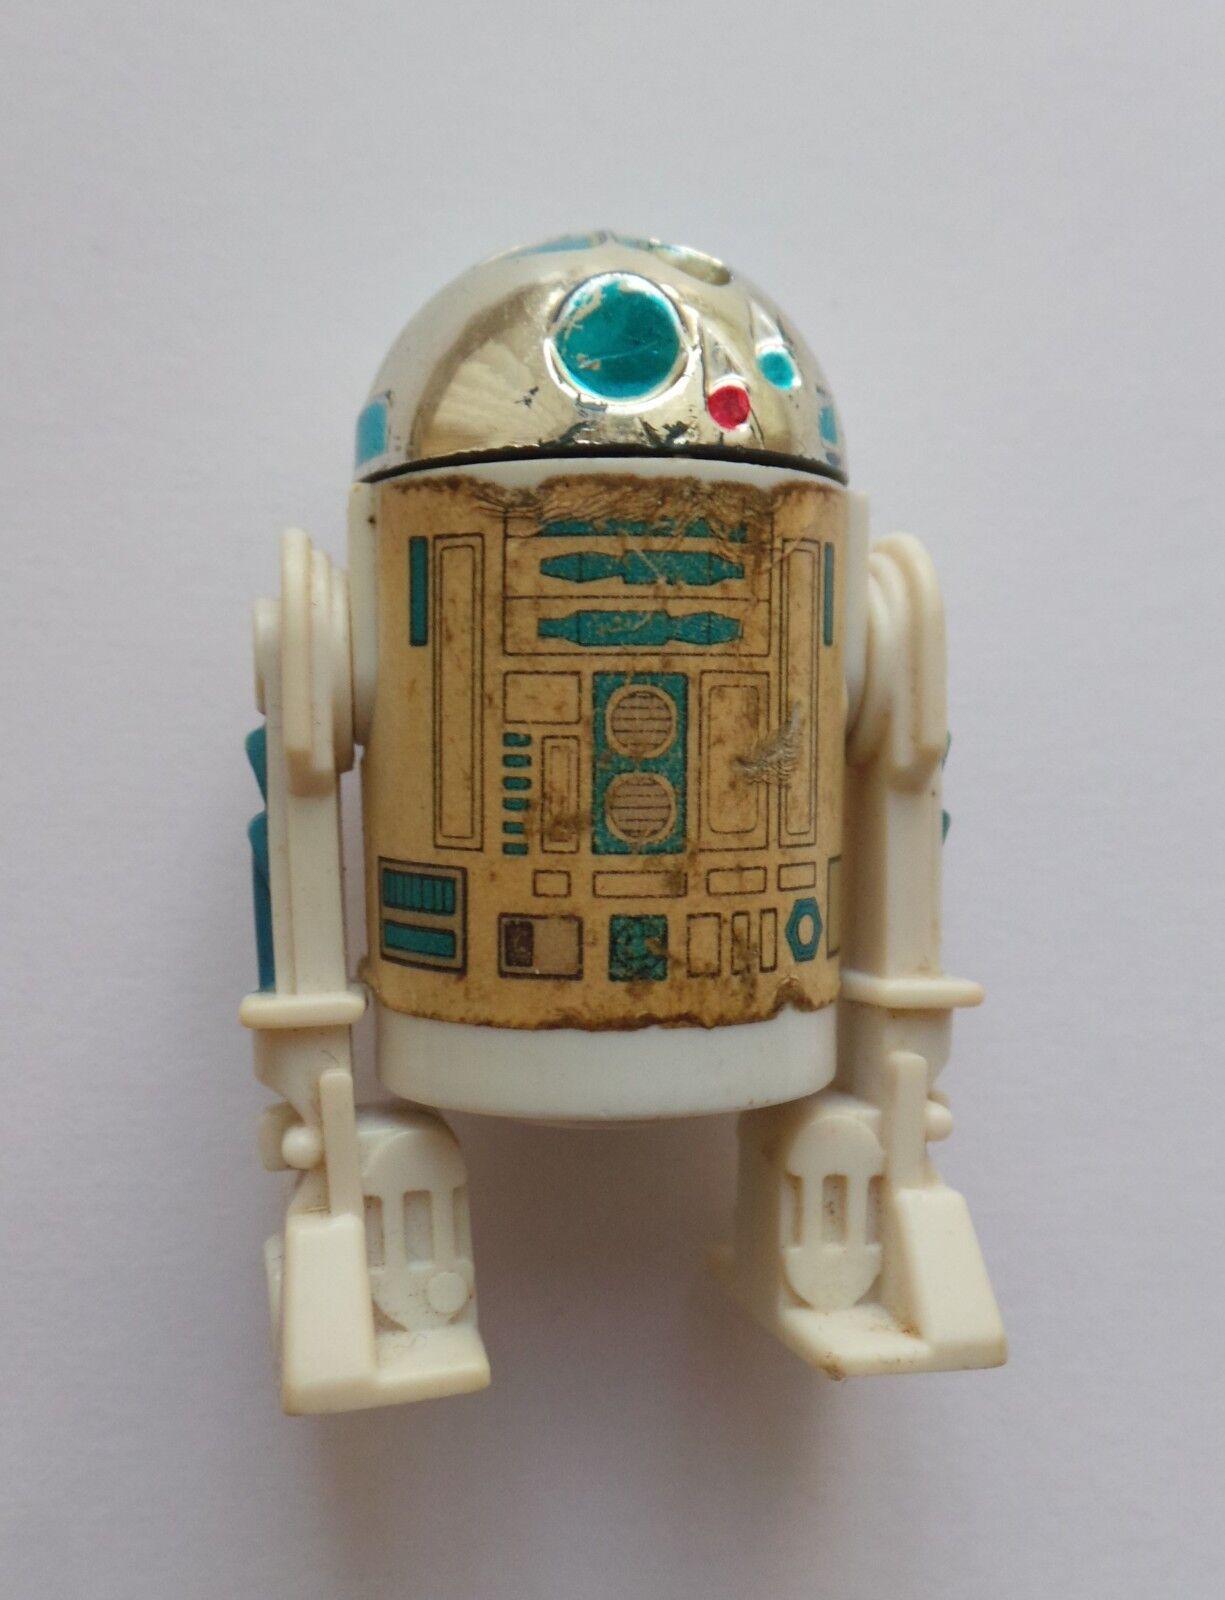 VINTAGE ORIGINAL STAR WARS - LAST 17 R2-D2 POP UP LIGHTSABER  - LFL 1985 FIGURE